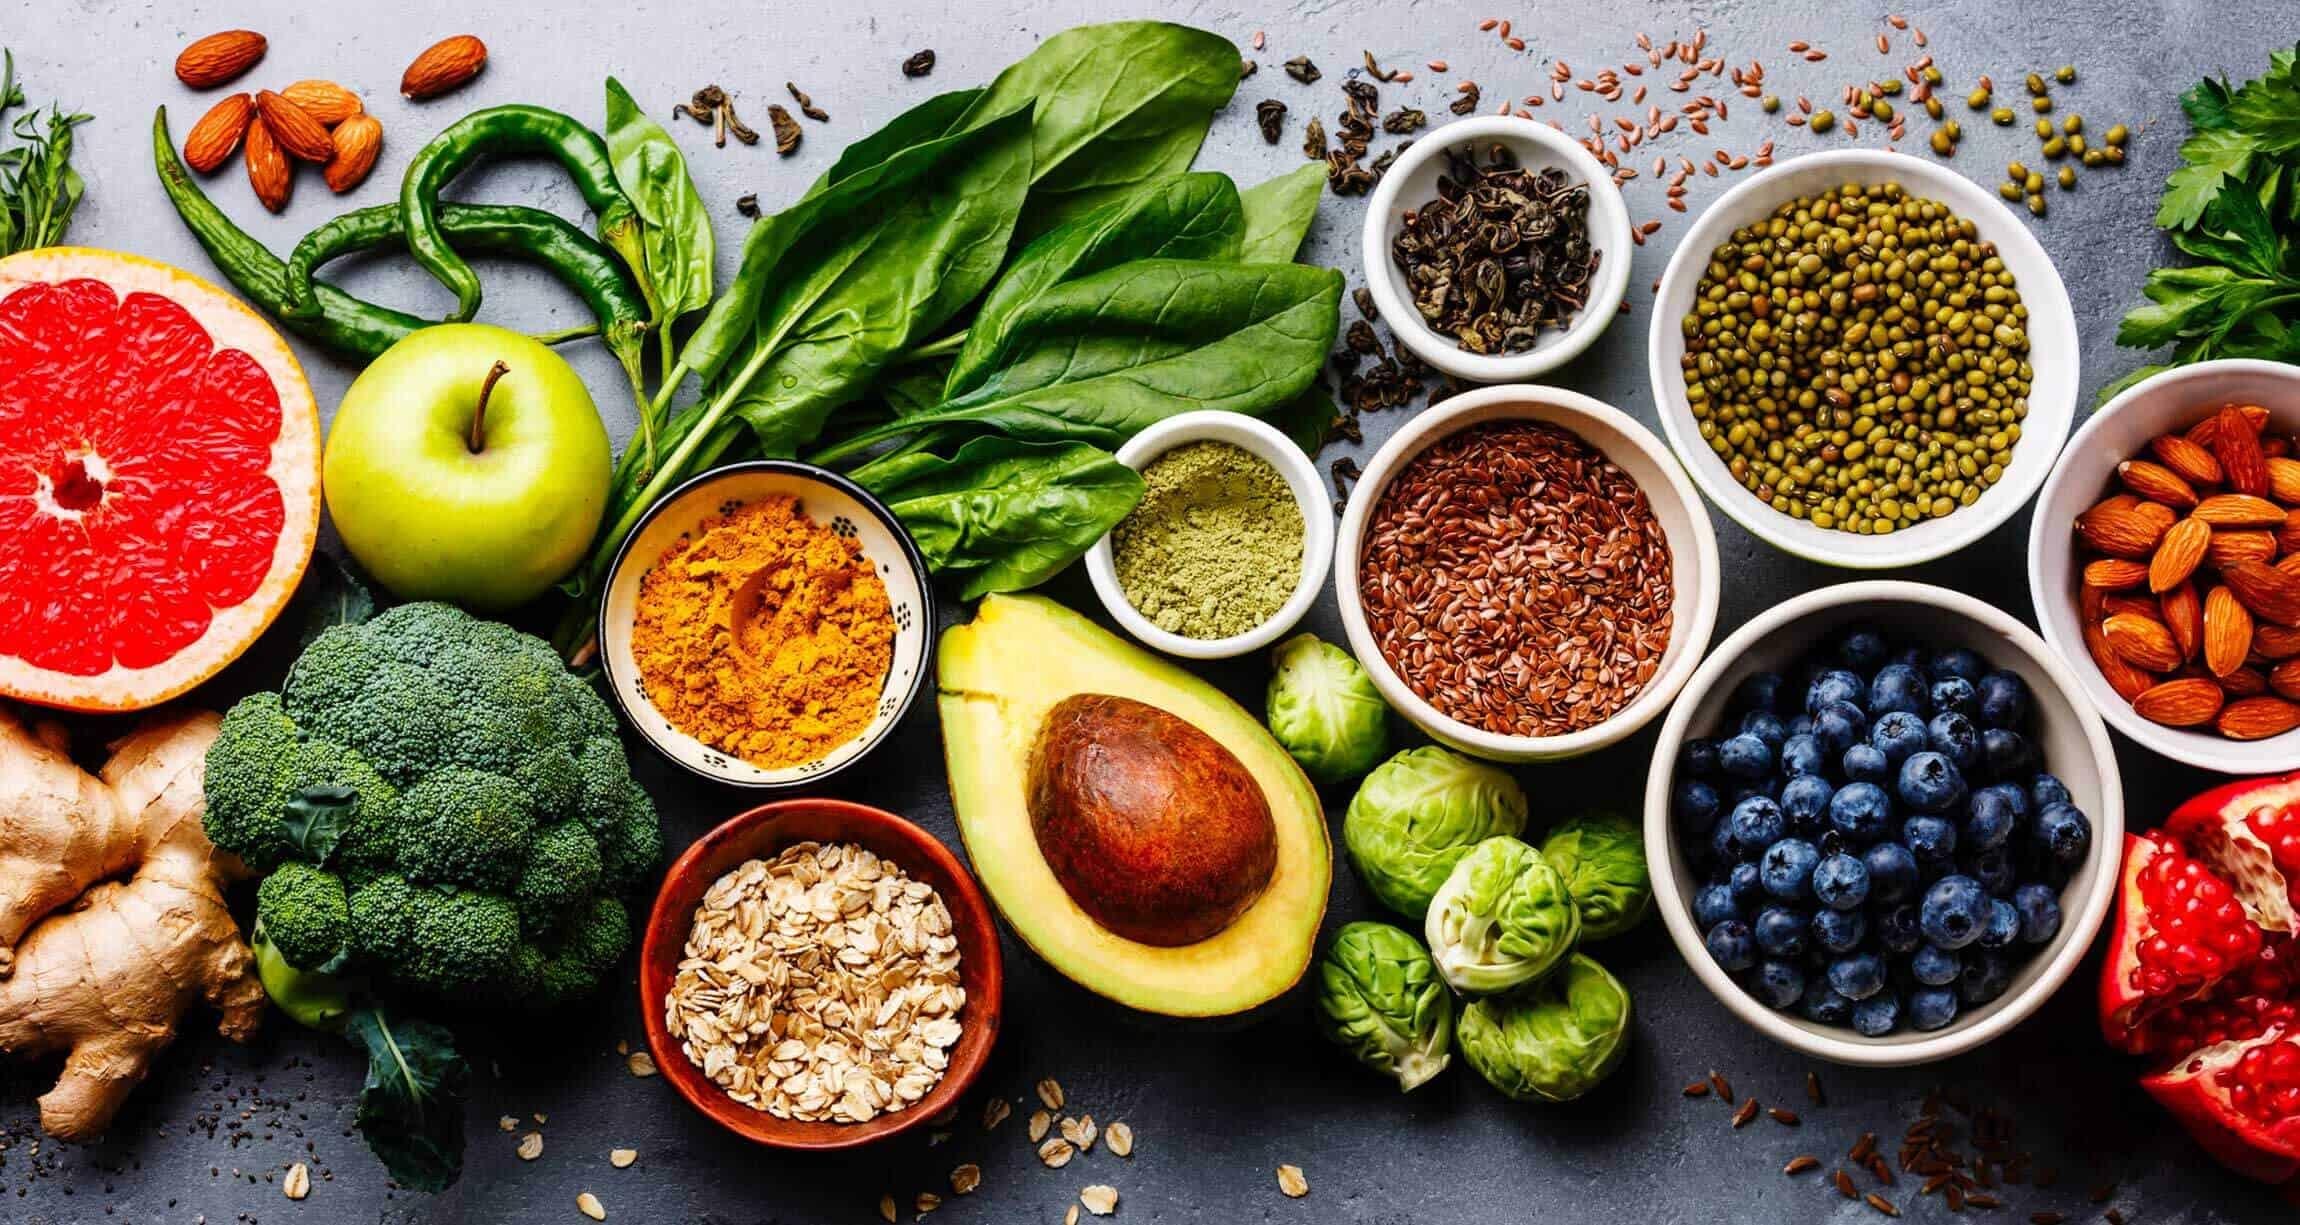 أعشاب لفقدان الوزن